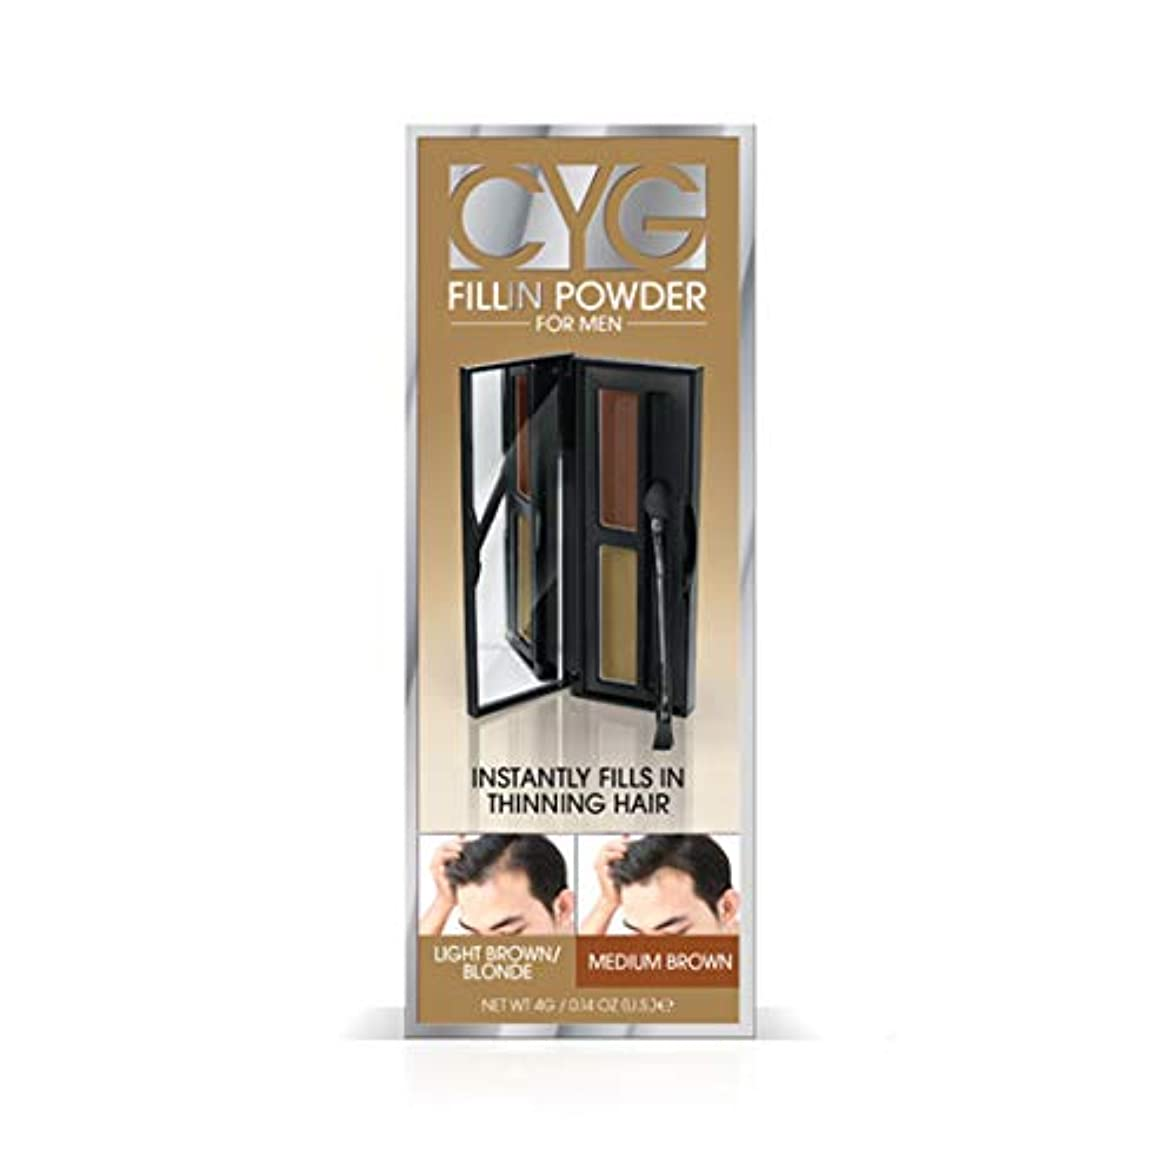 厚さ個人底Cover Your Gray メンズフィルインパウダーPRO - ライトブラウンブロンド/ミディアムブロー(3パック)